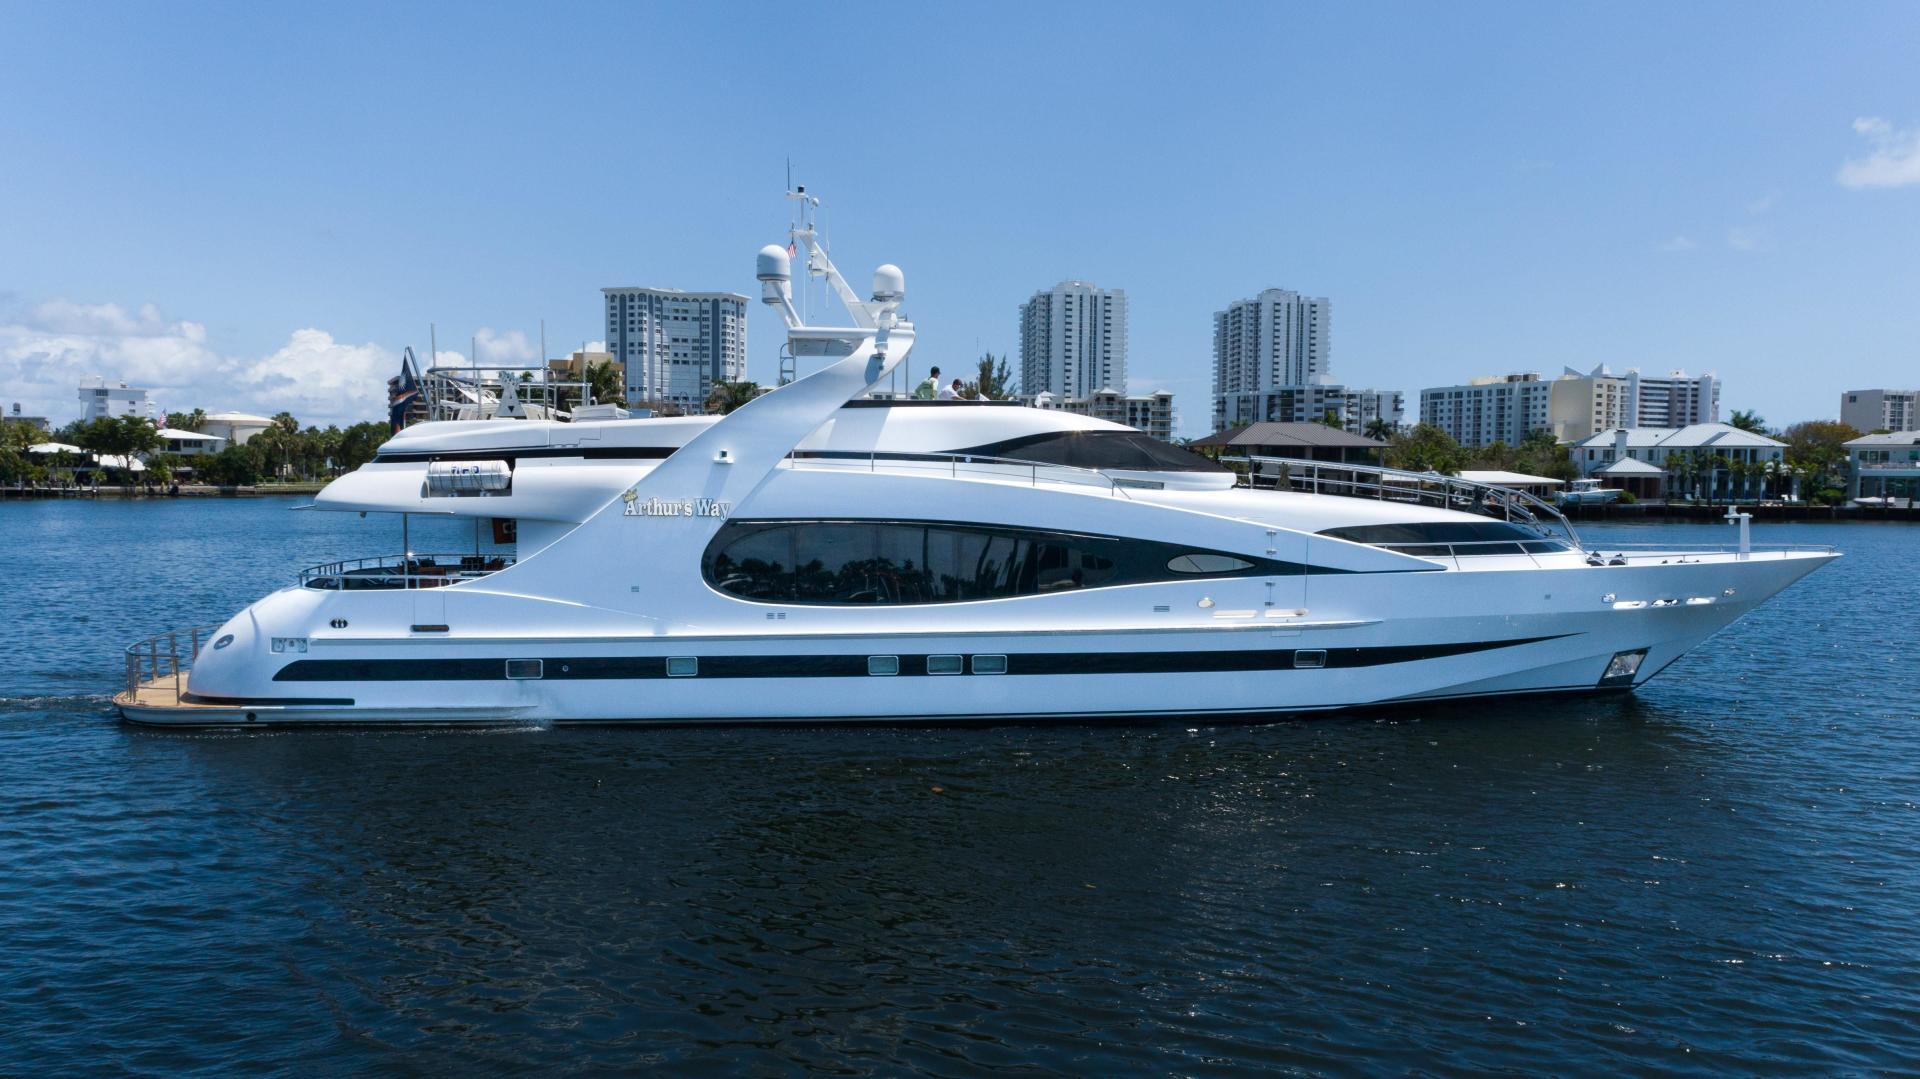 """2003 Millennium Super Yachts 118' Raised Pilothouse """"Arthur's Way"""""""